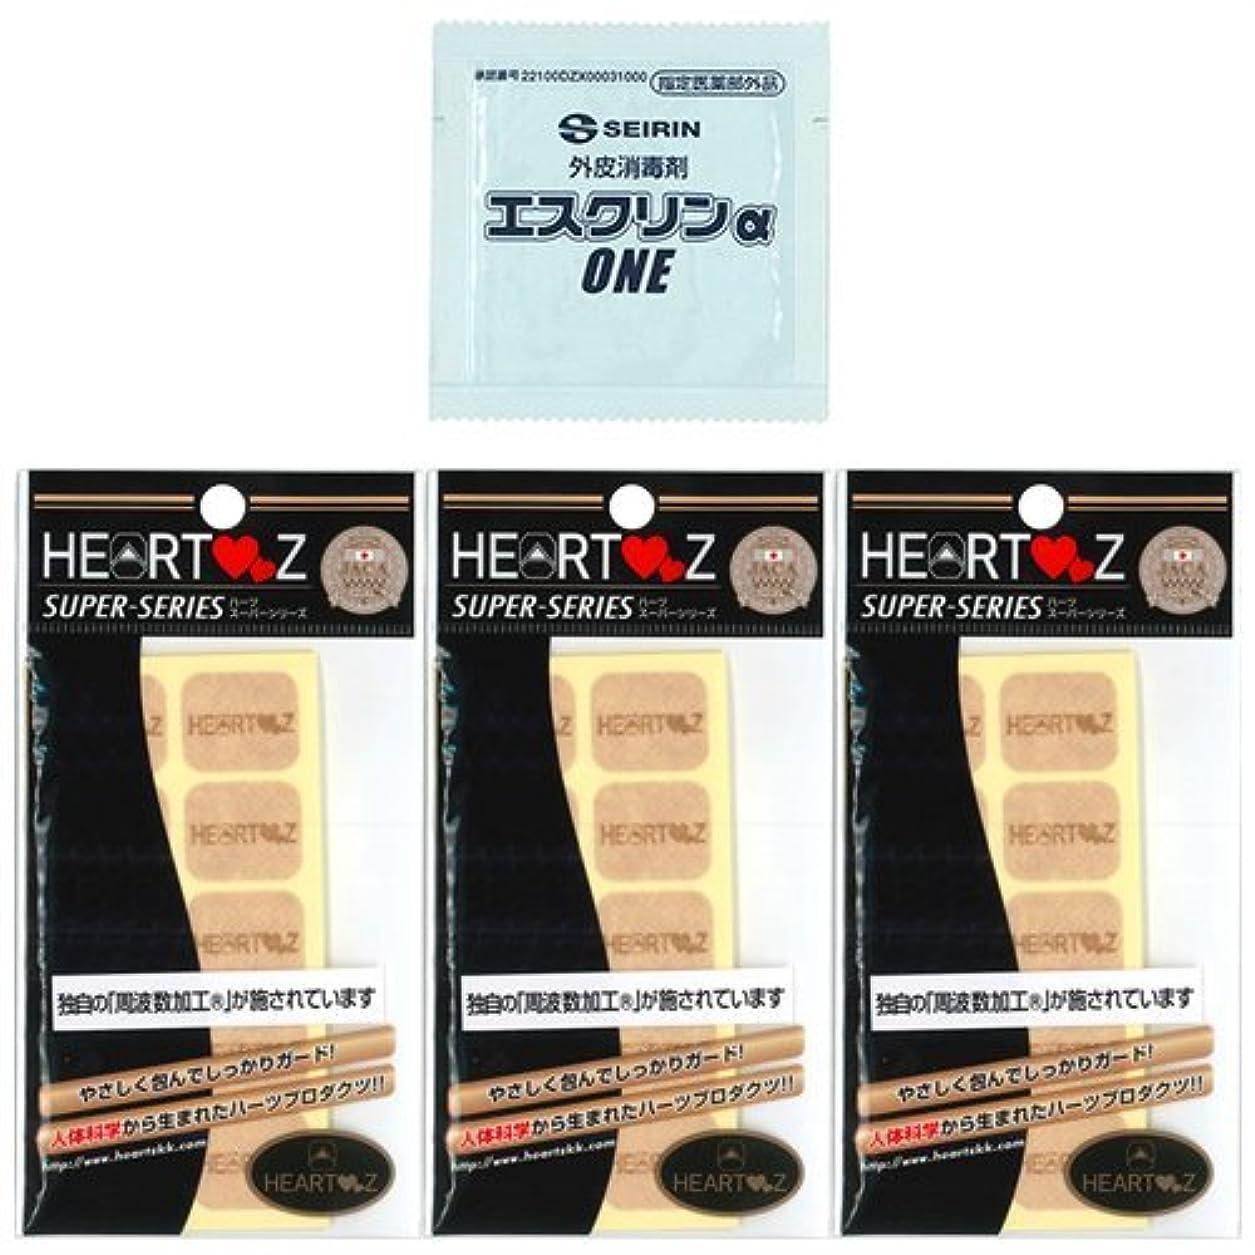 自宅で頼るマンハッタン【HEARTZ(ハーツ)】ハーツスーパーシール レギュラータイプ 80枚入×3個セット (計240枚) + エスクリンαONEx1個 セット